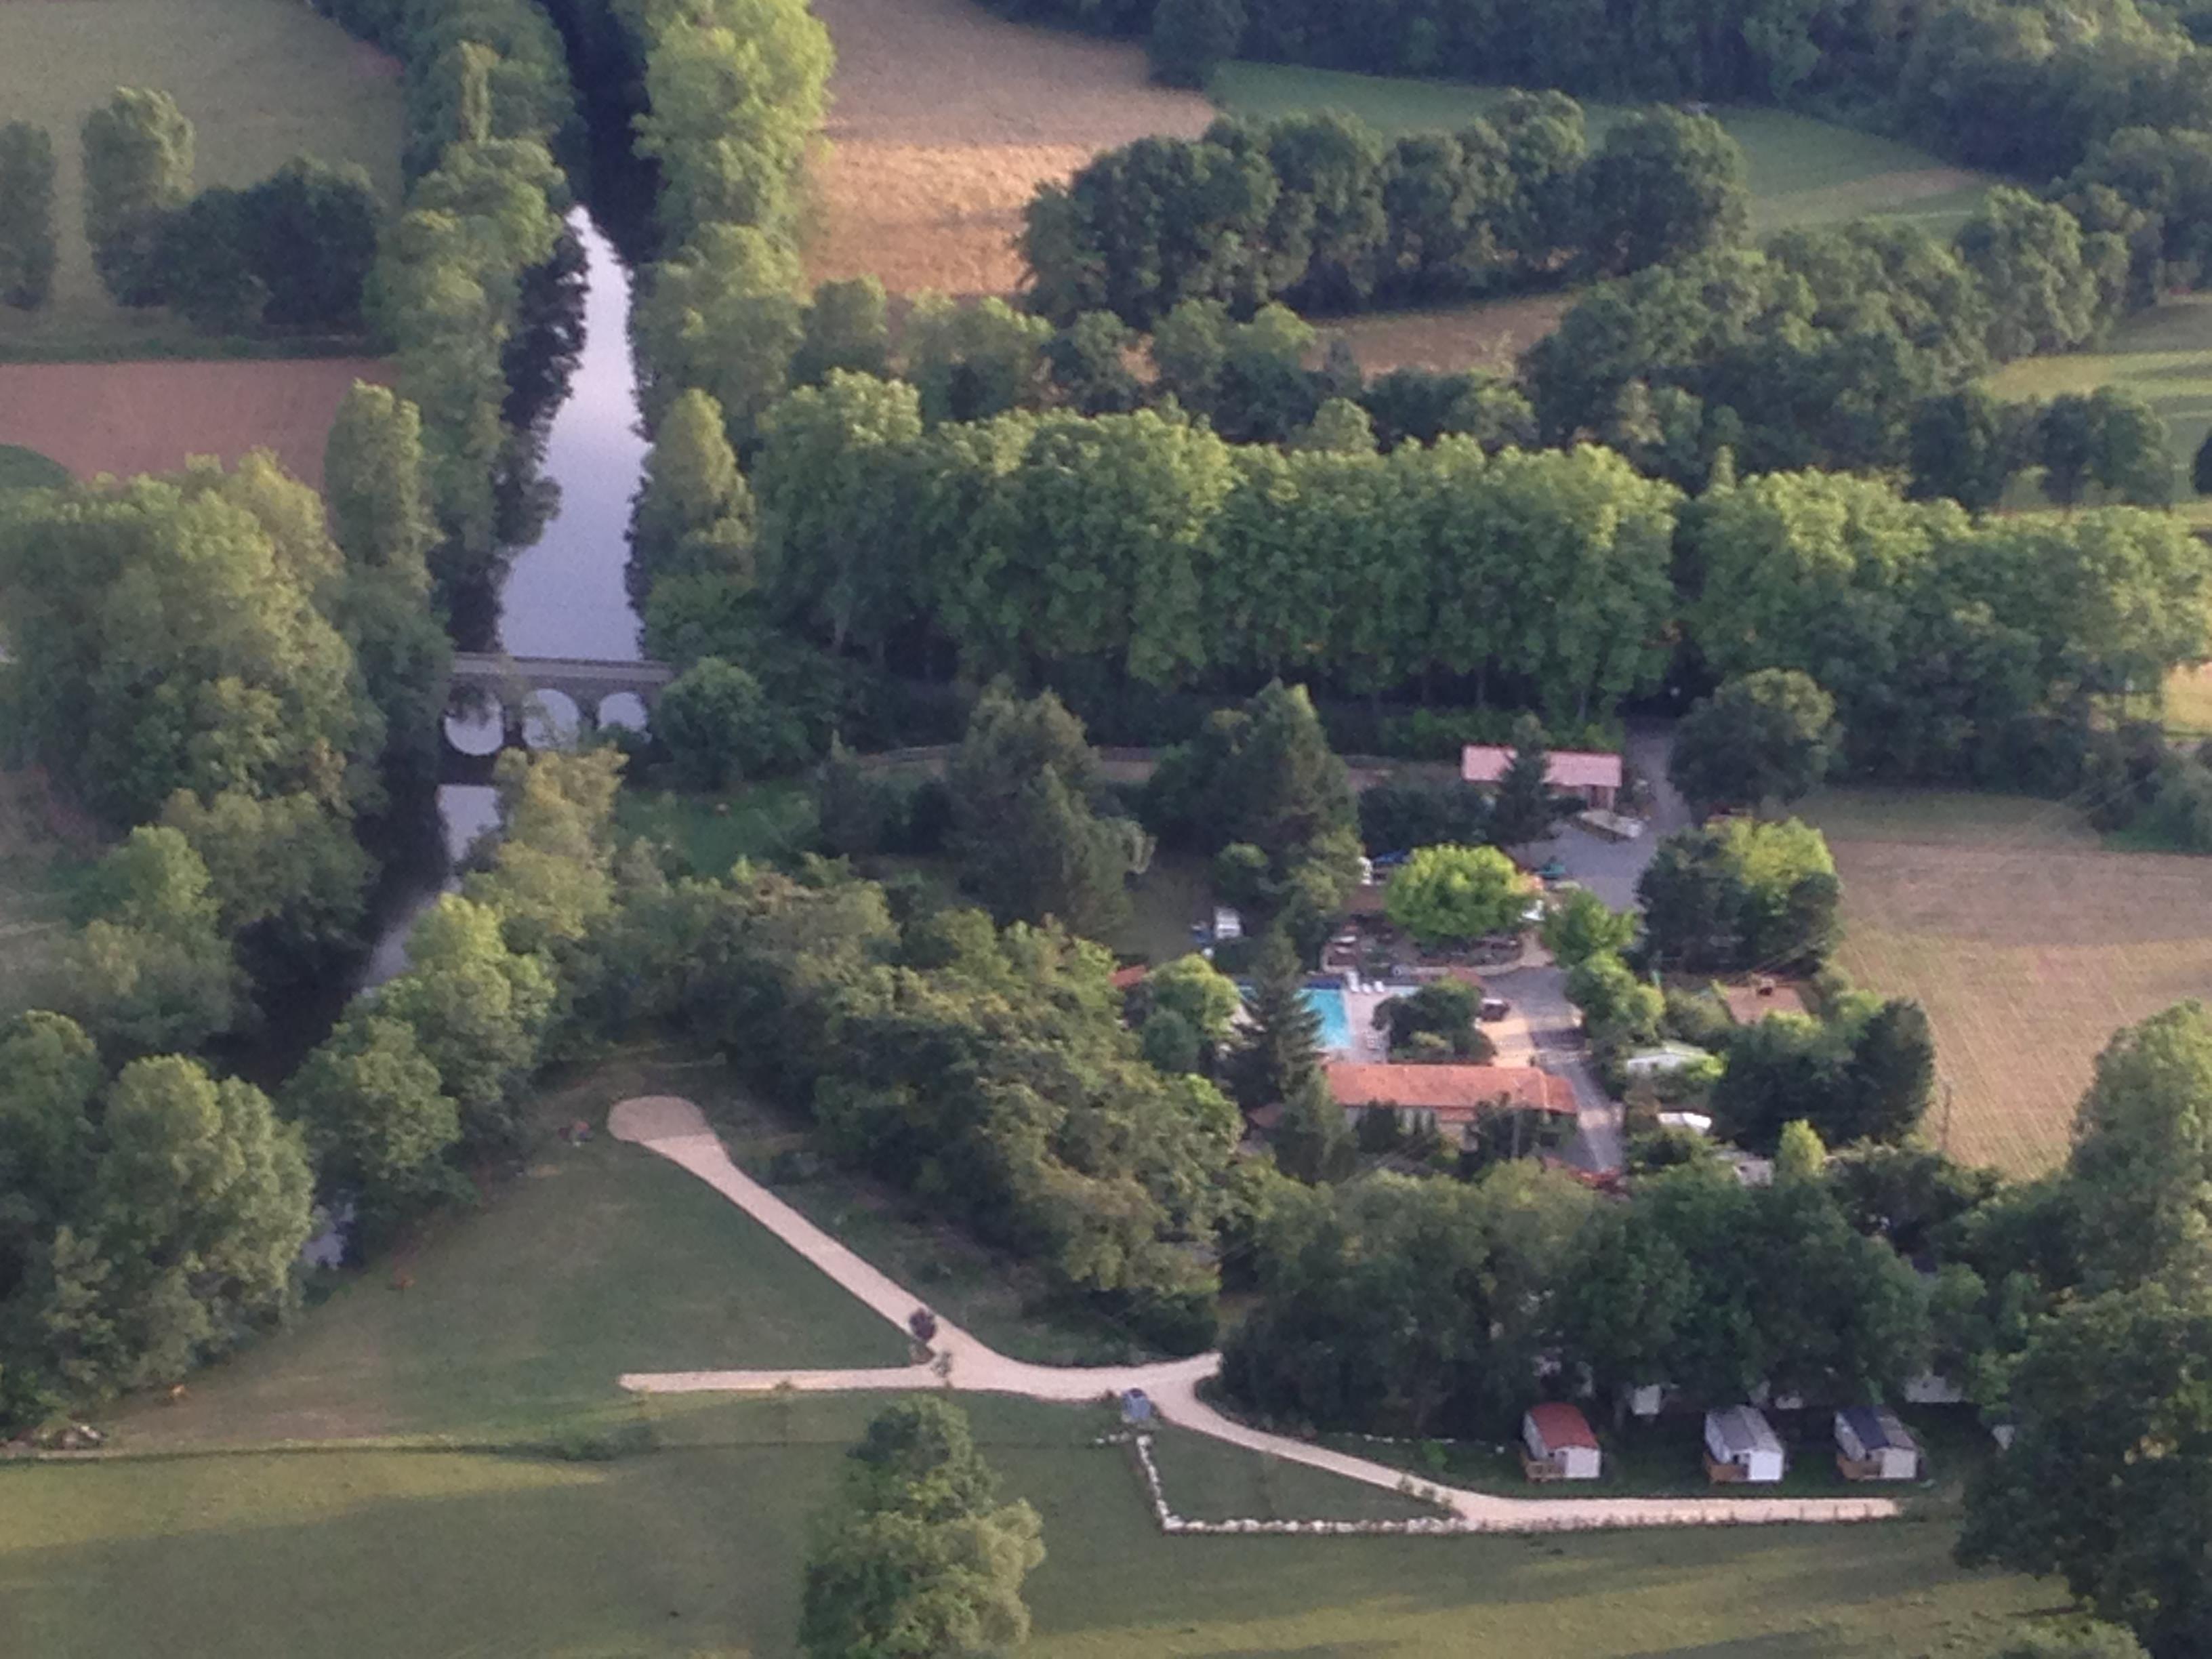 Camping au Fil de l'Eau, Antonne-et-Trigonant, Dordogne